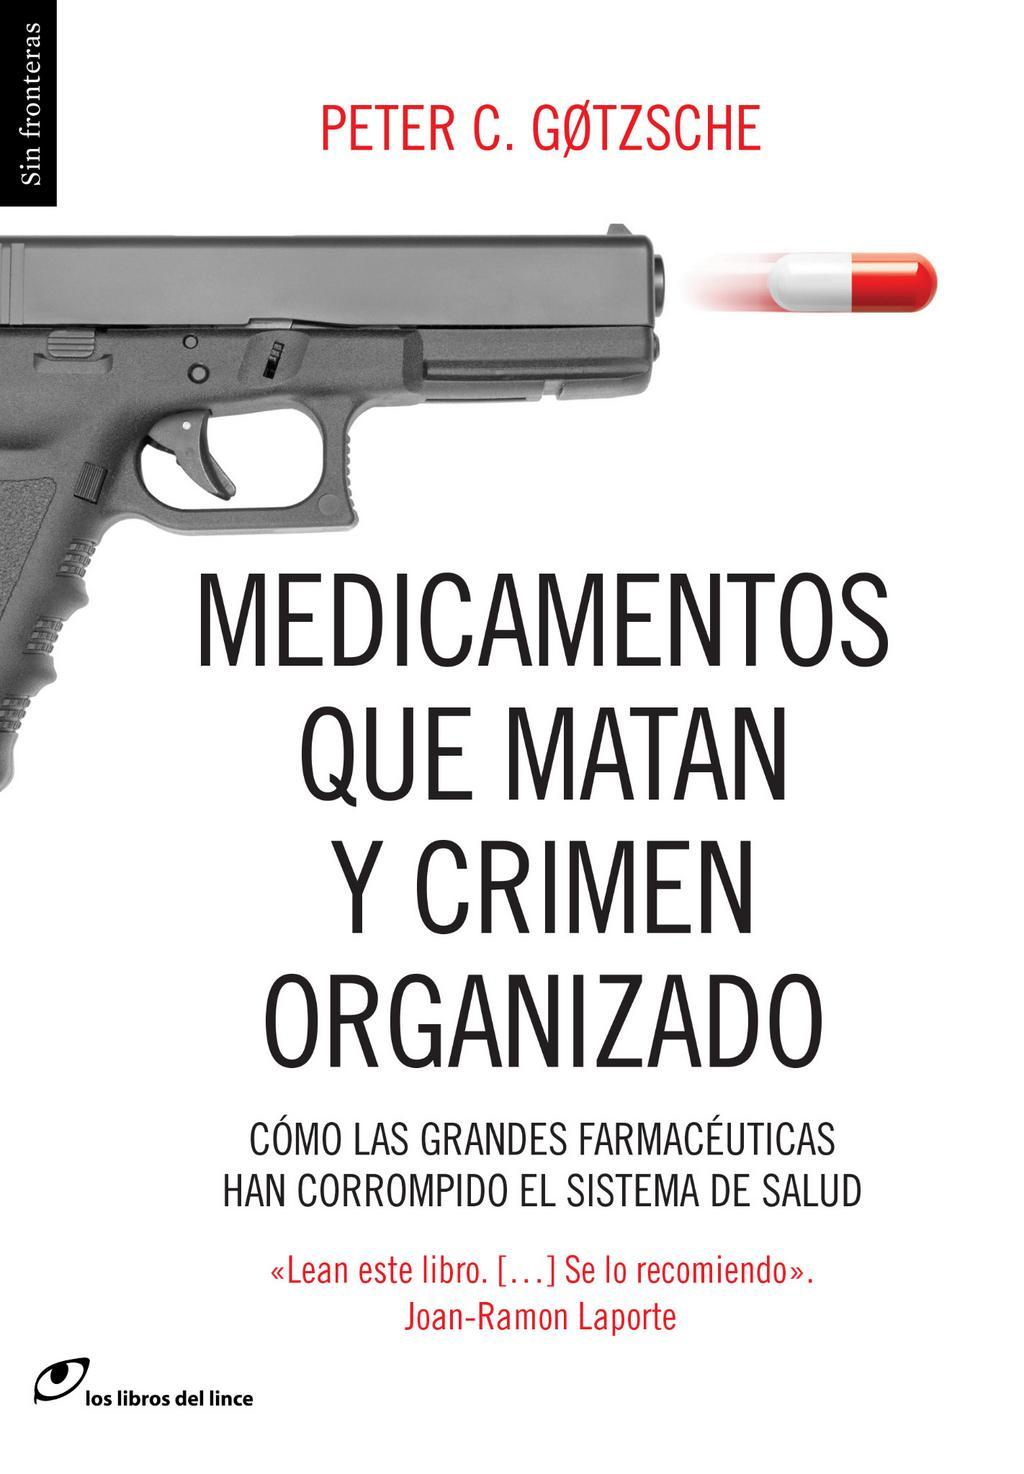 http://andresherrero.com/wp-content/uploads/2014/09/Medicamentos-que-matan.jpg